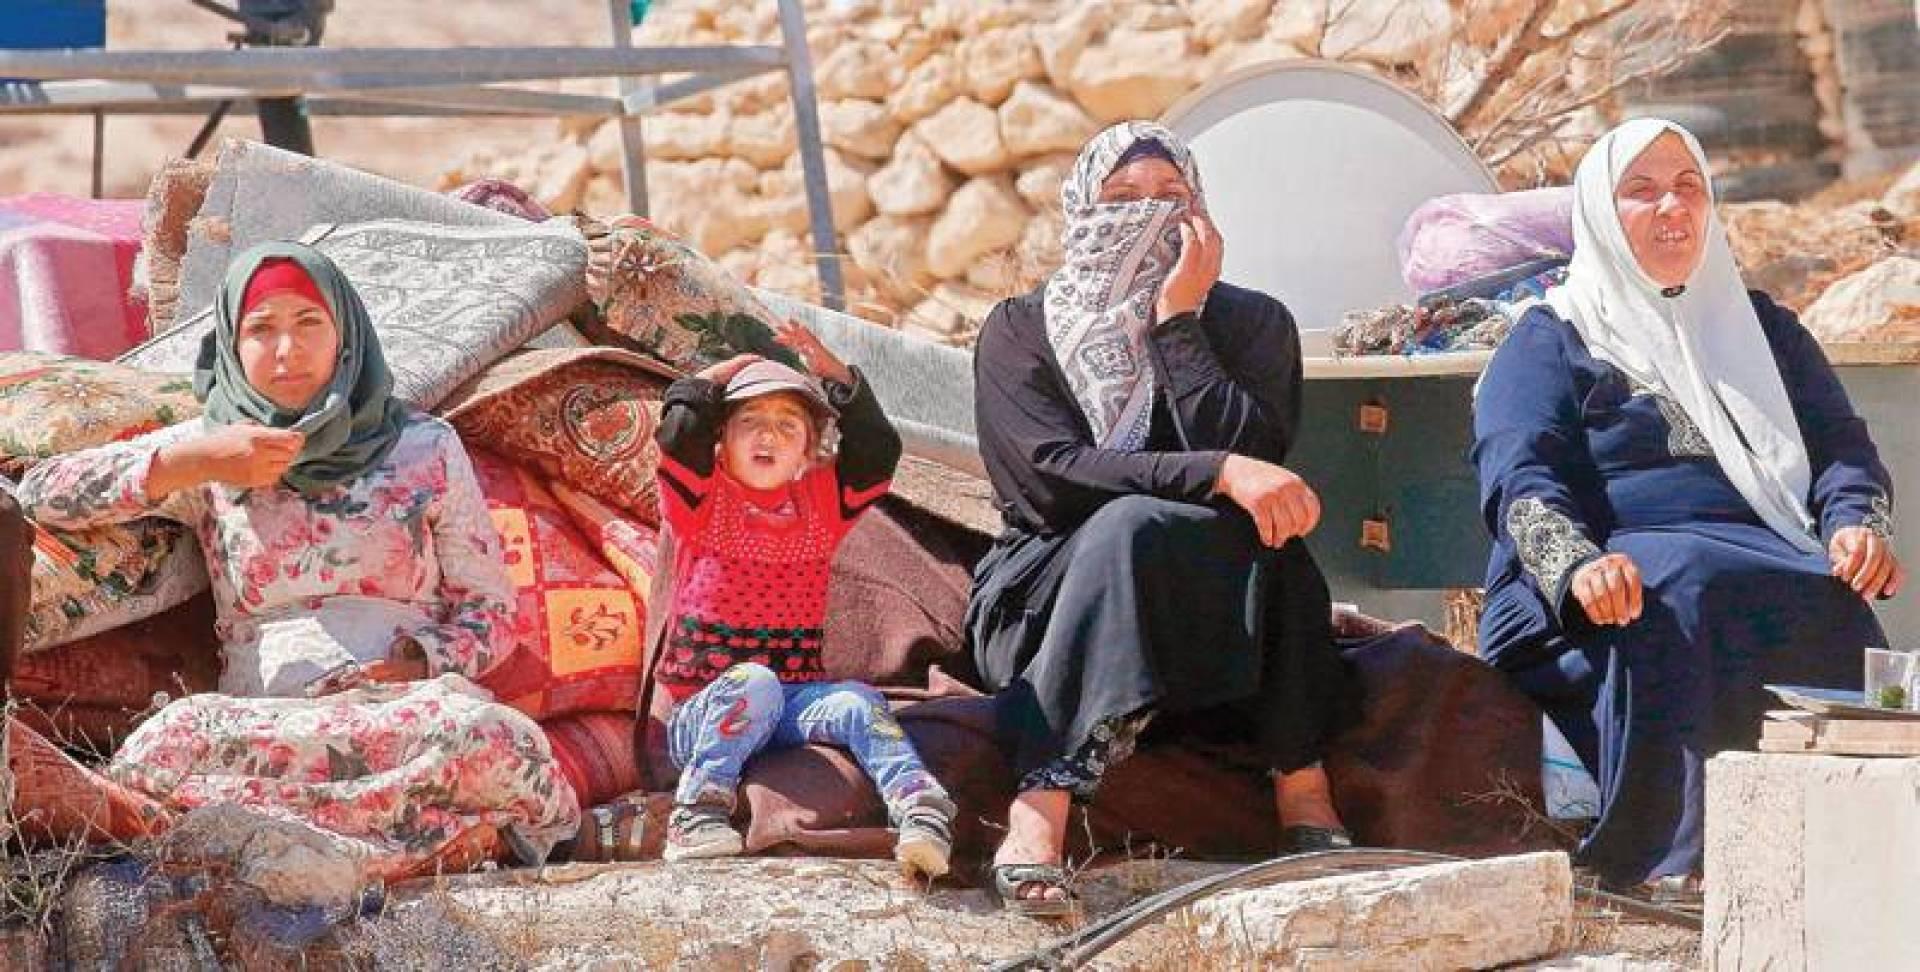 فلسطينيات يجلسن بينما تقوم قوات الاحتلال بهدم منازل متنقلة بُنيت بتمويل من الاتحاد الأوروبي في قرية بالقرب من الخليل في الضفة الغربية المحتلة | ا ف ب